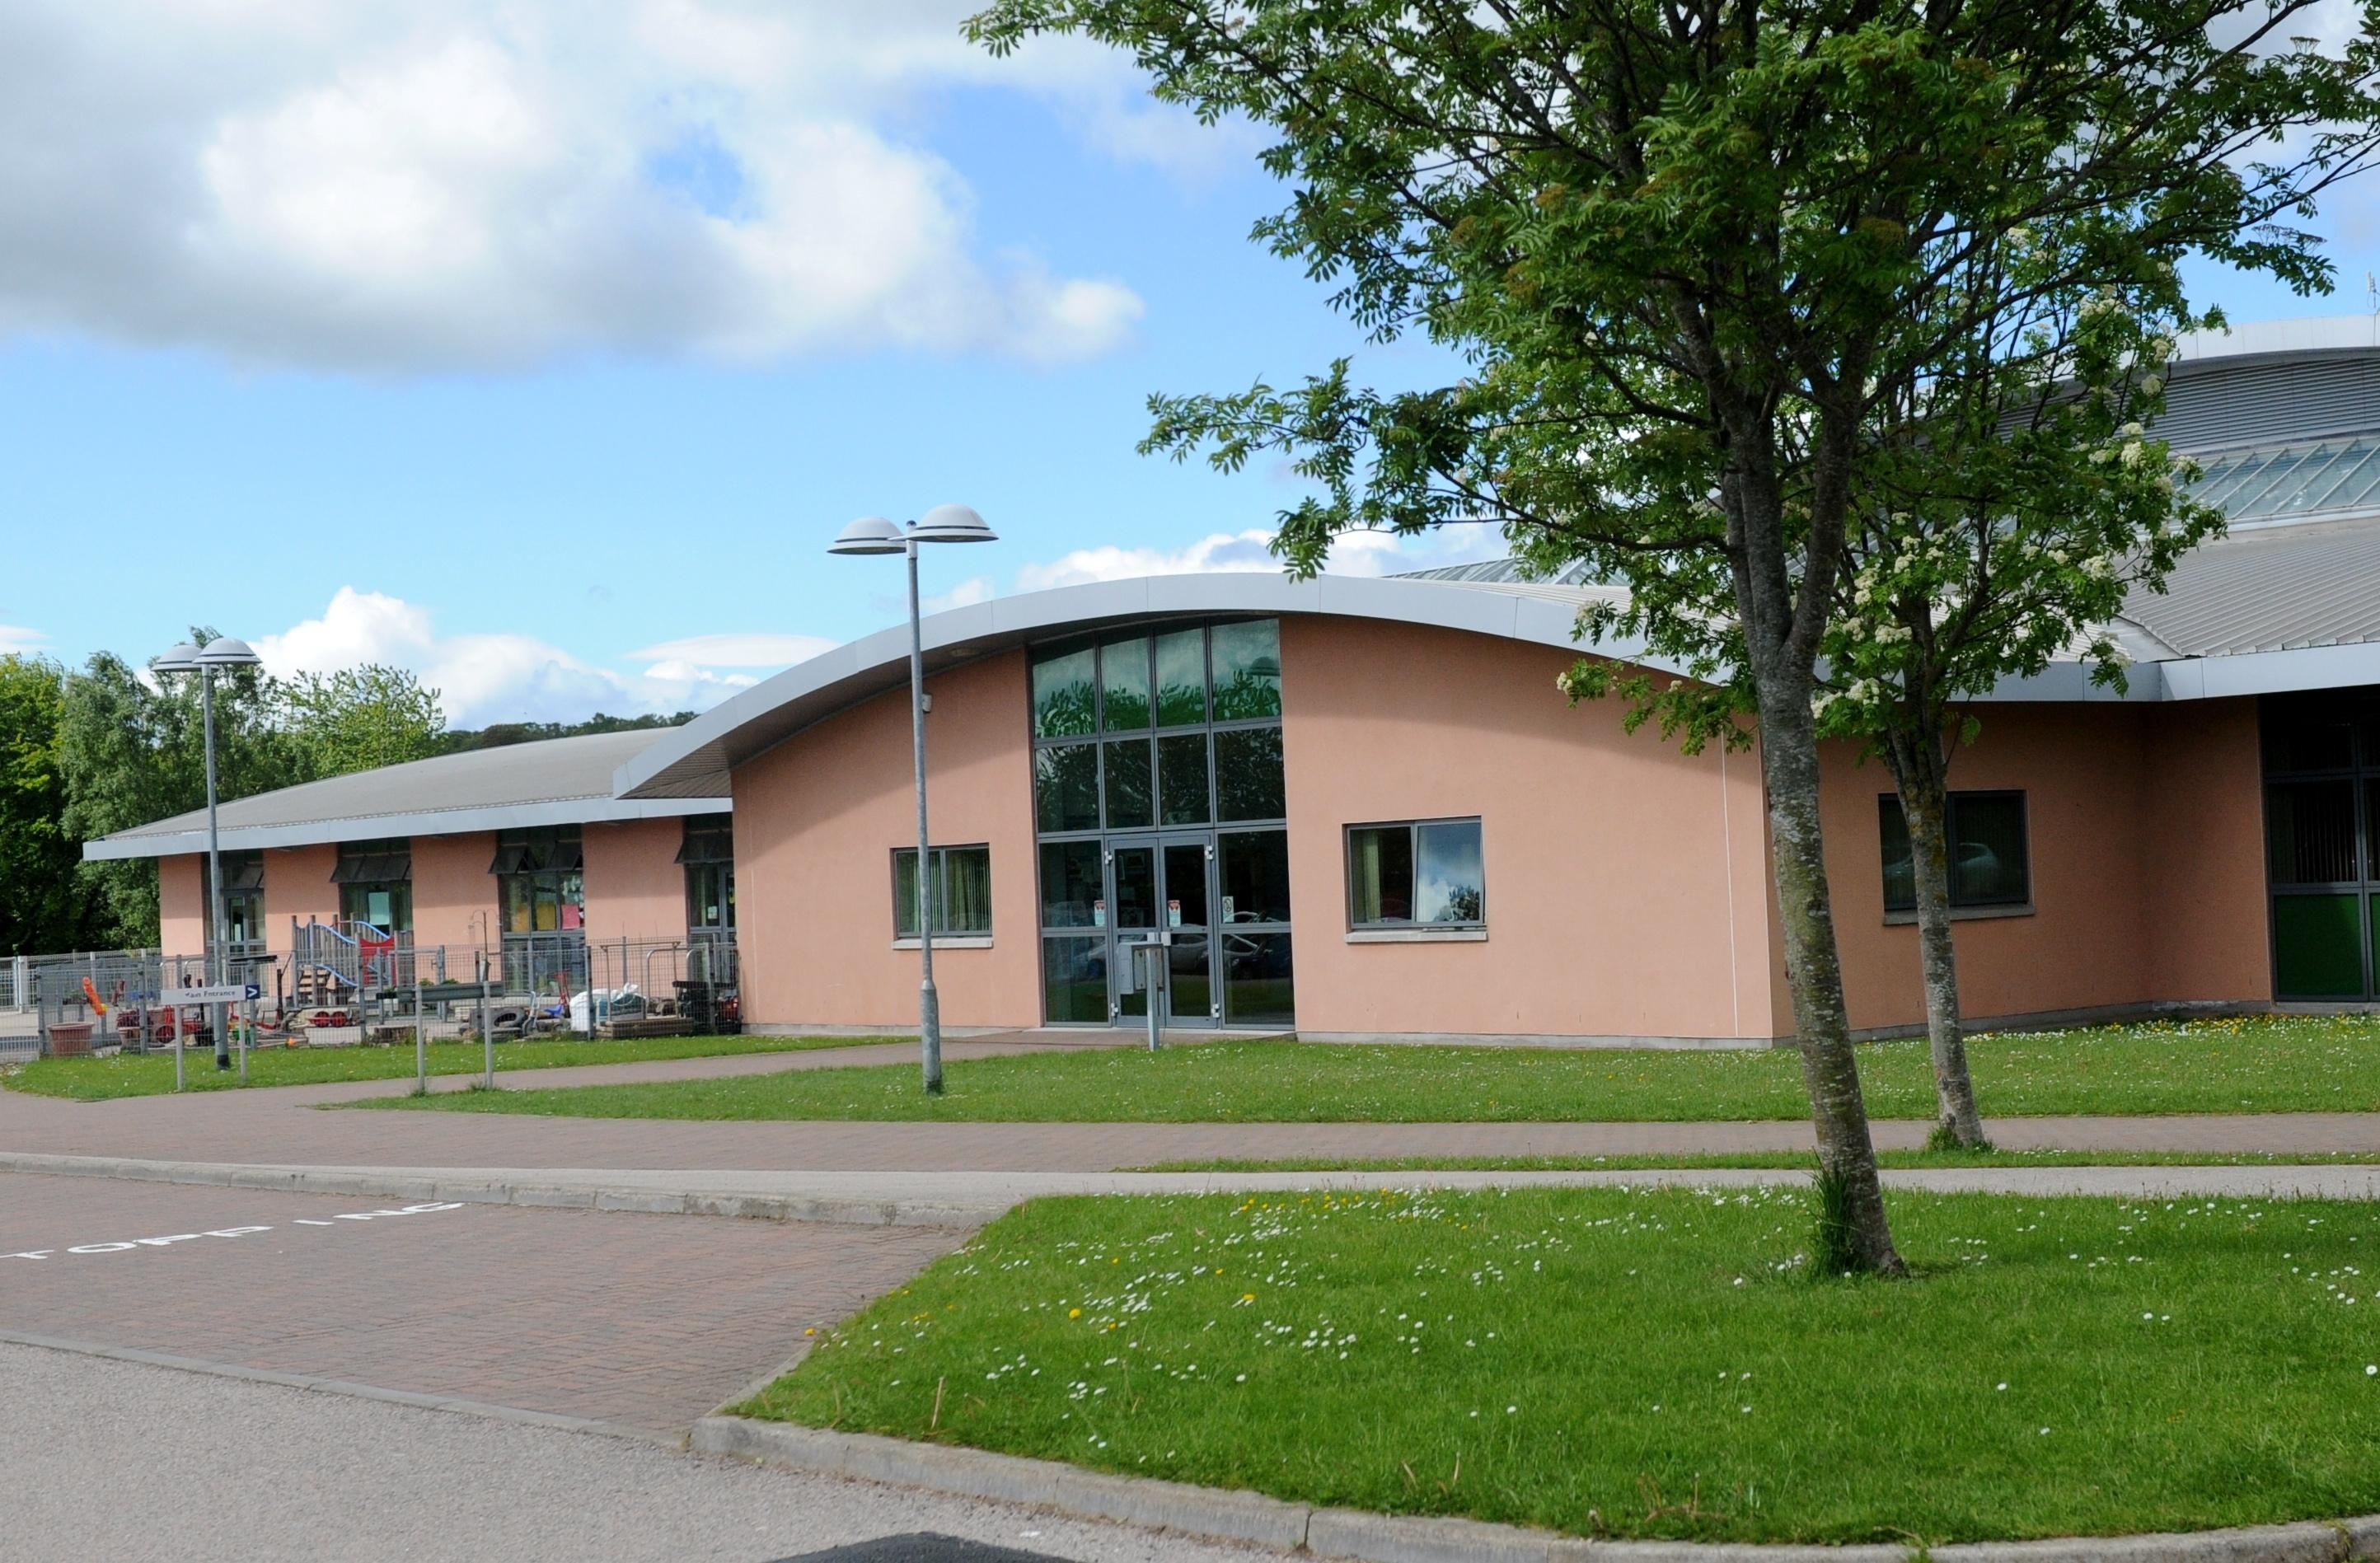 Strathburn Primary School, Inverurie